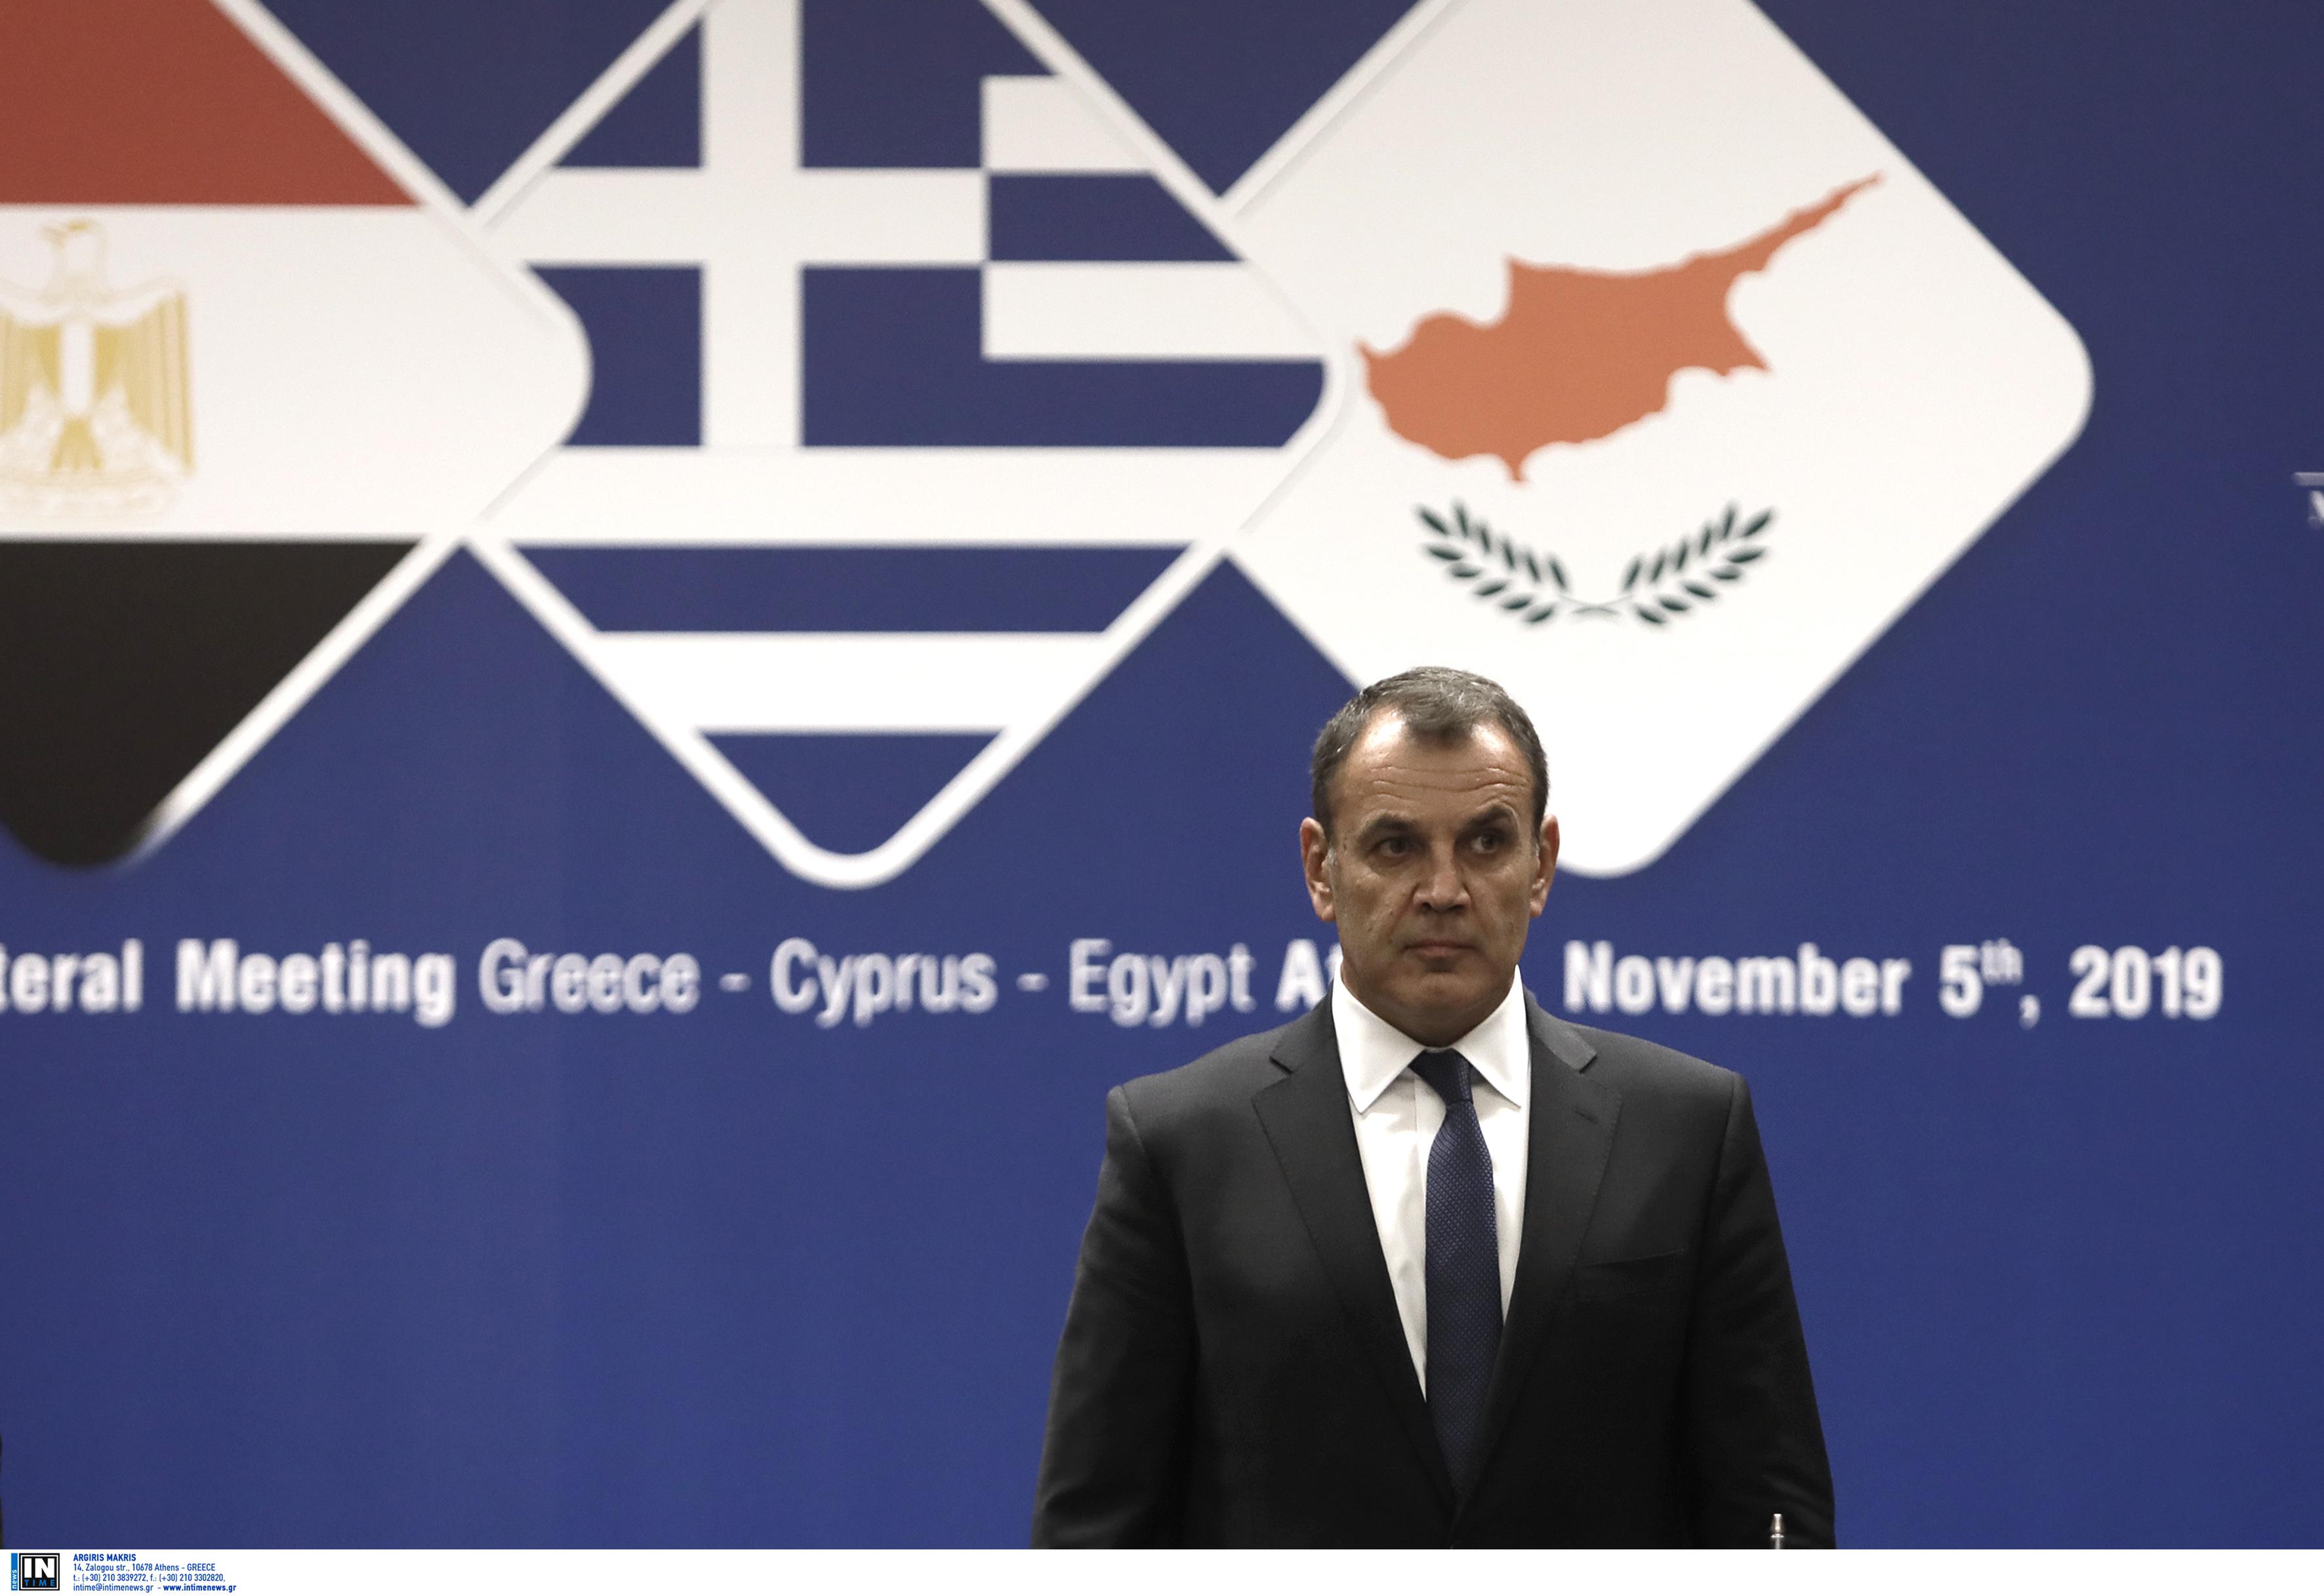 Τριμερές μέτωπο κατά της τουρκικής προκλητικότητας [pics]